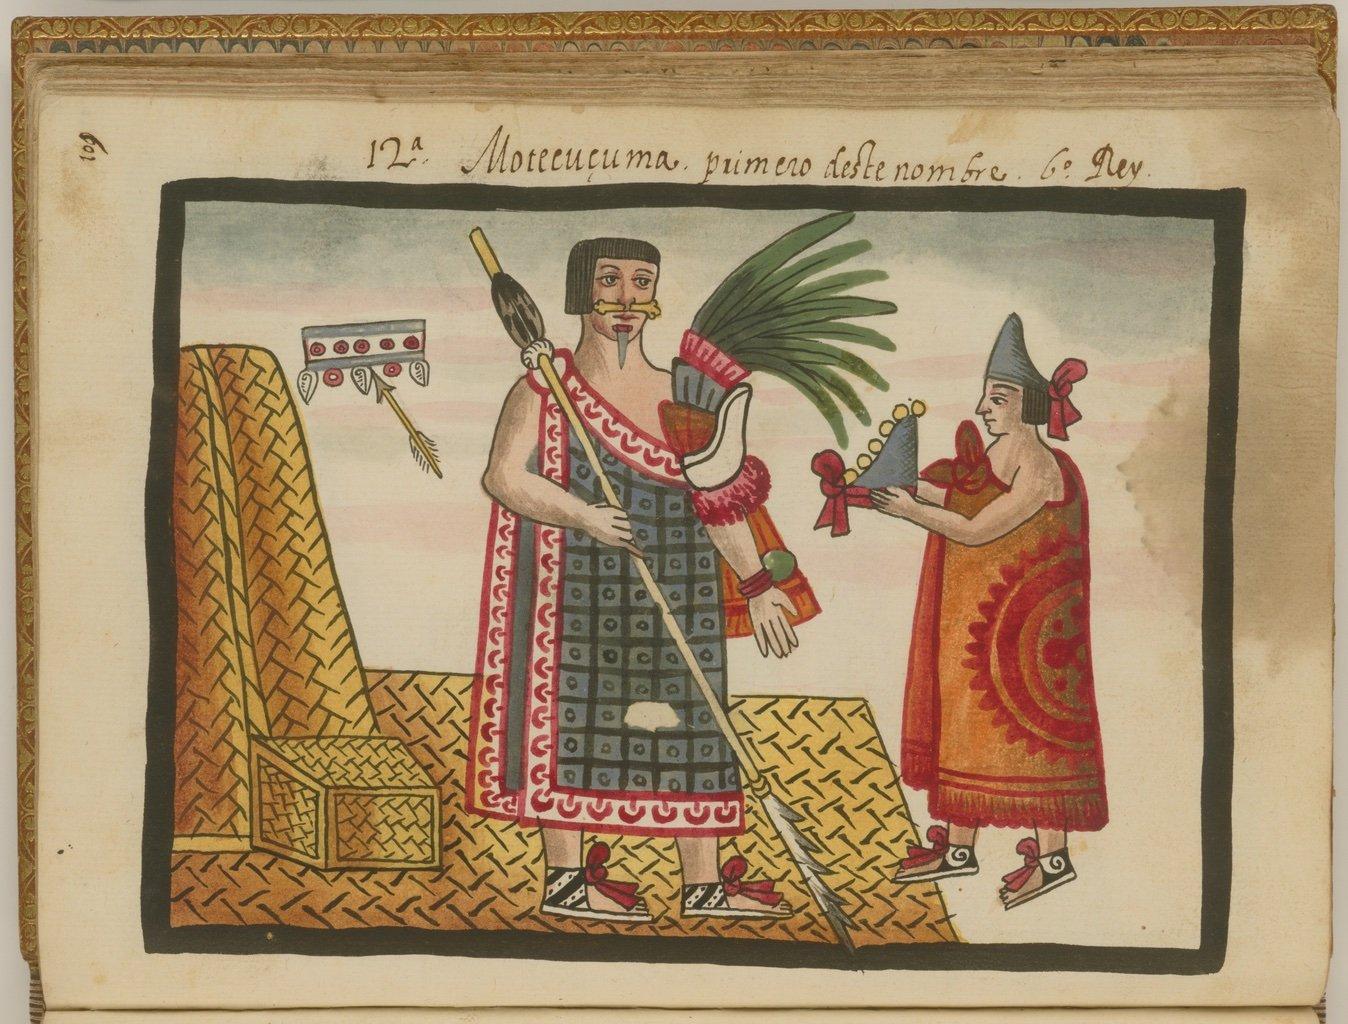 Moctezuma_I,_the_Fifth_Aztec_King